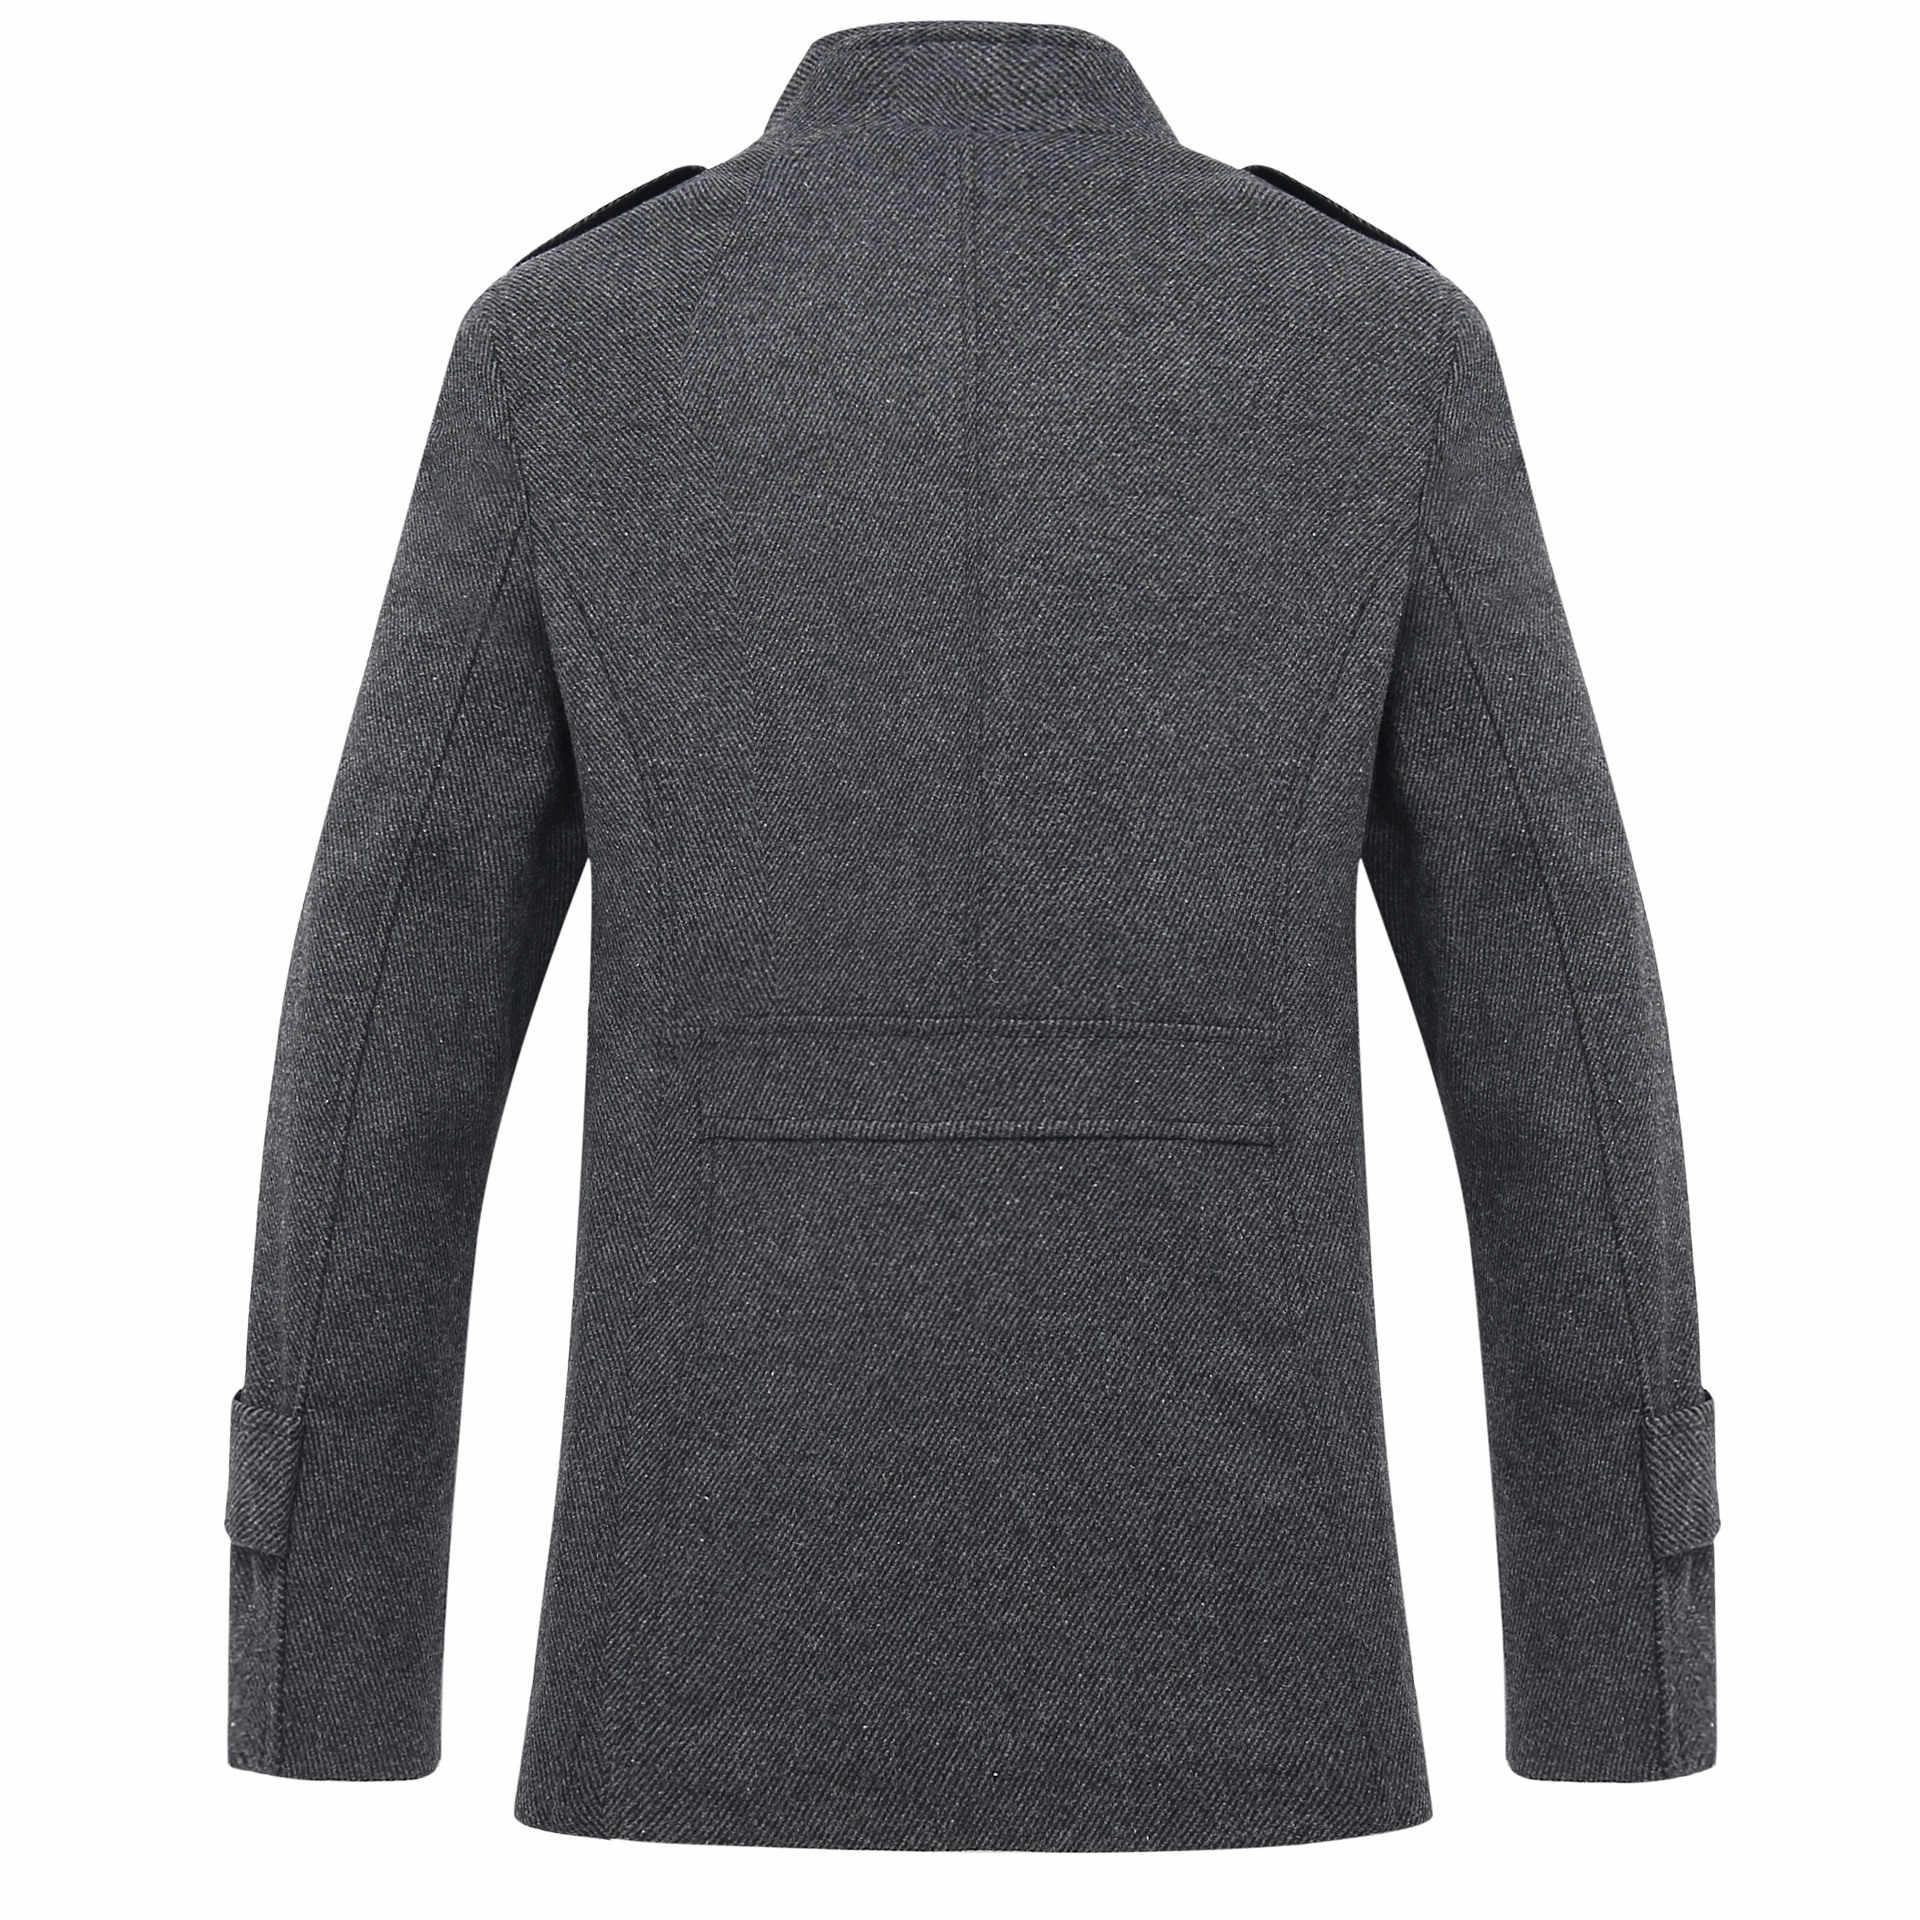 Шерстяное пальто для мужчин, бренд 2020, Мужской однобортный Тренч, повседневное тонкое пальто с отложным воротником, пальто, куртки, манто для мужчин размера плюс